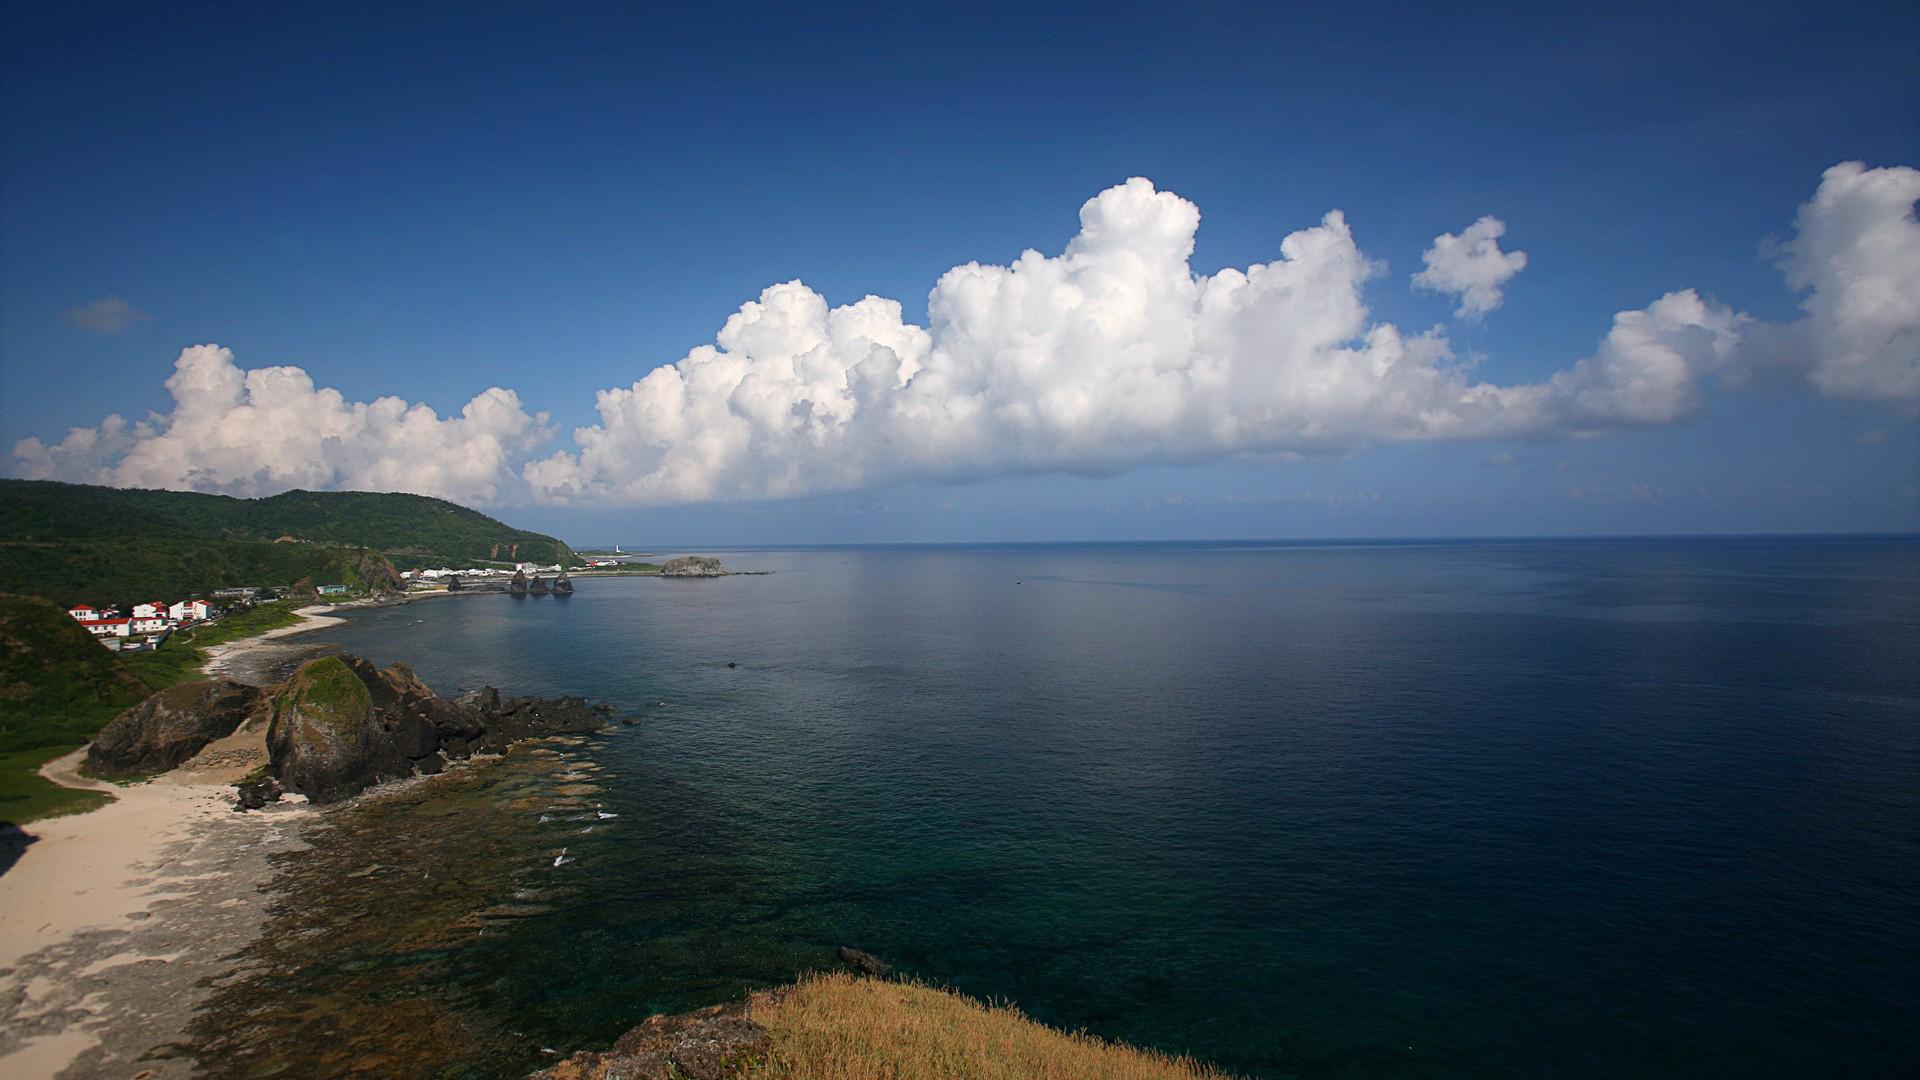 29568 скачать обои Пейзаж, Море, Облака - заставки и картинки бесплатно